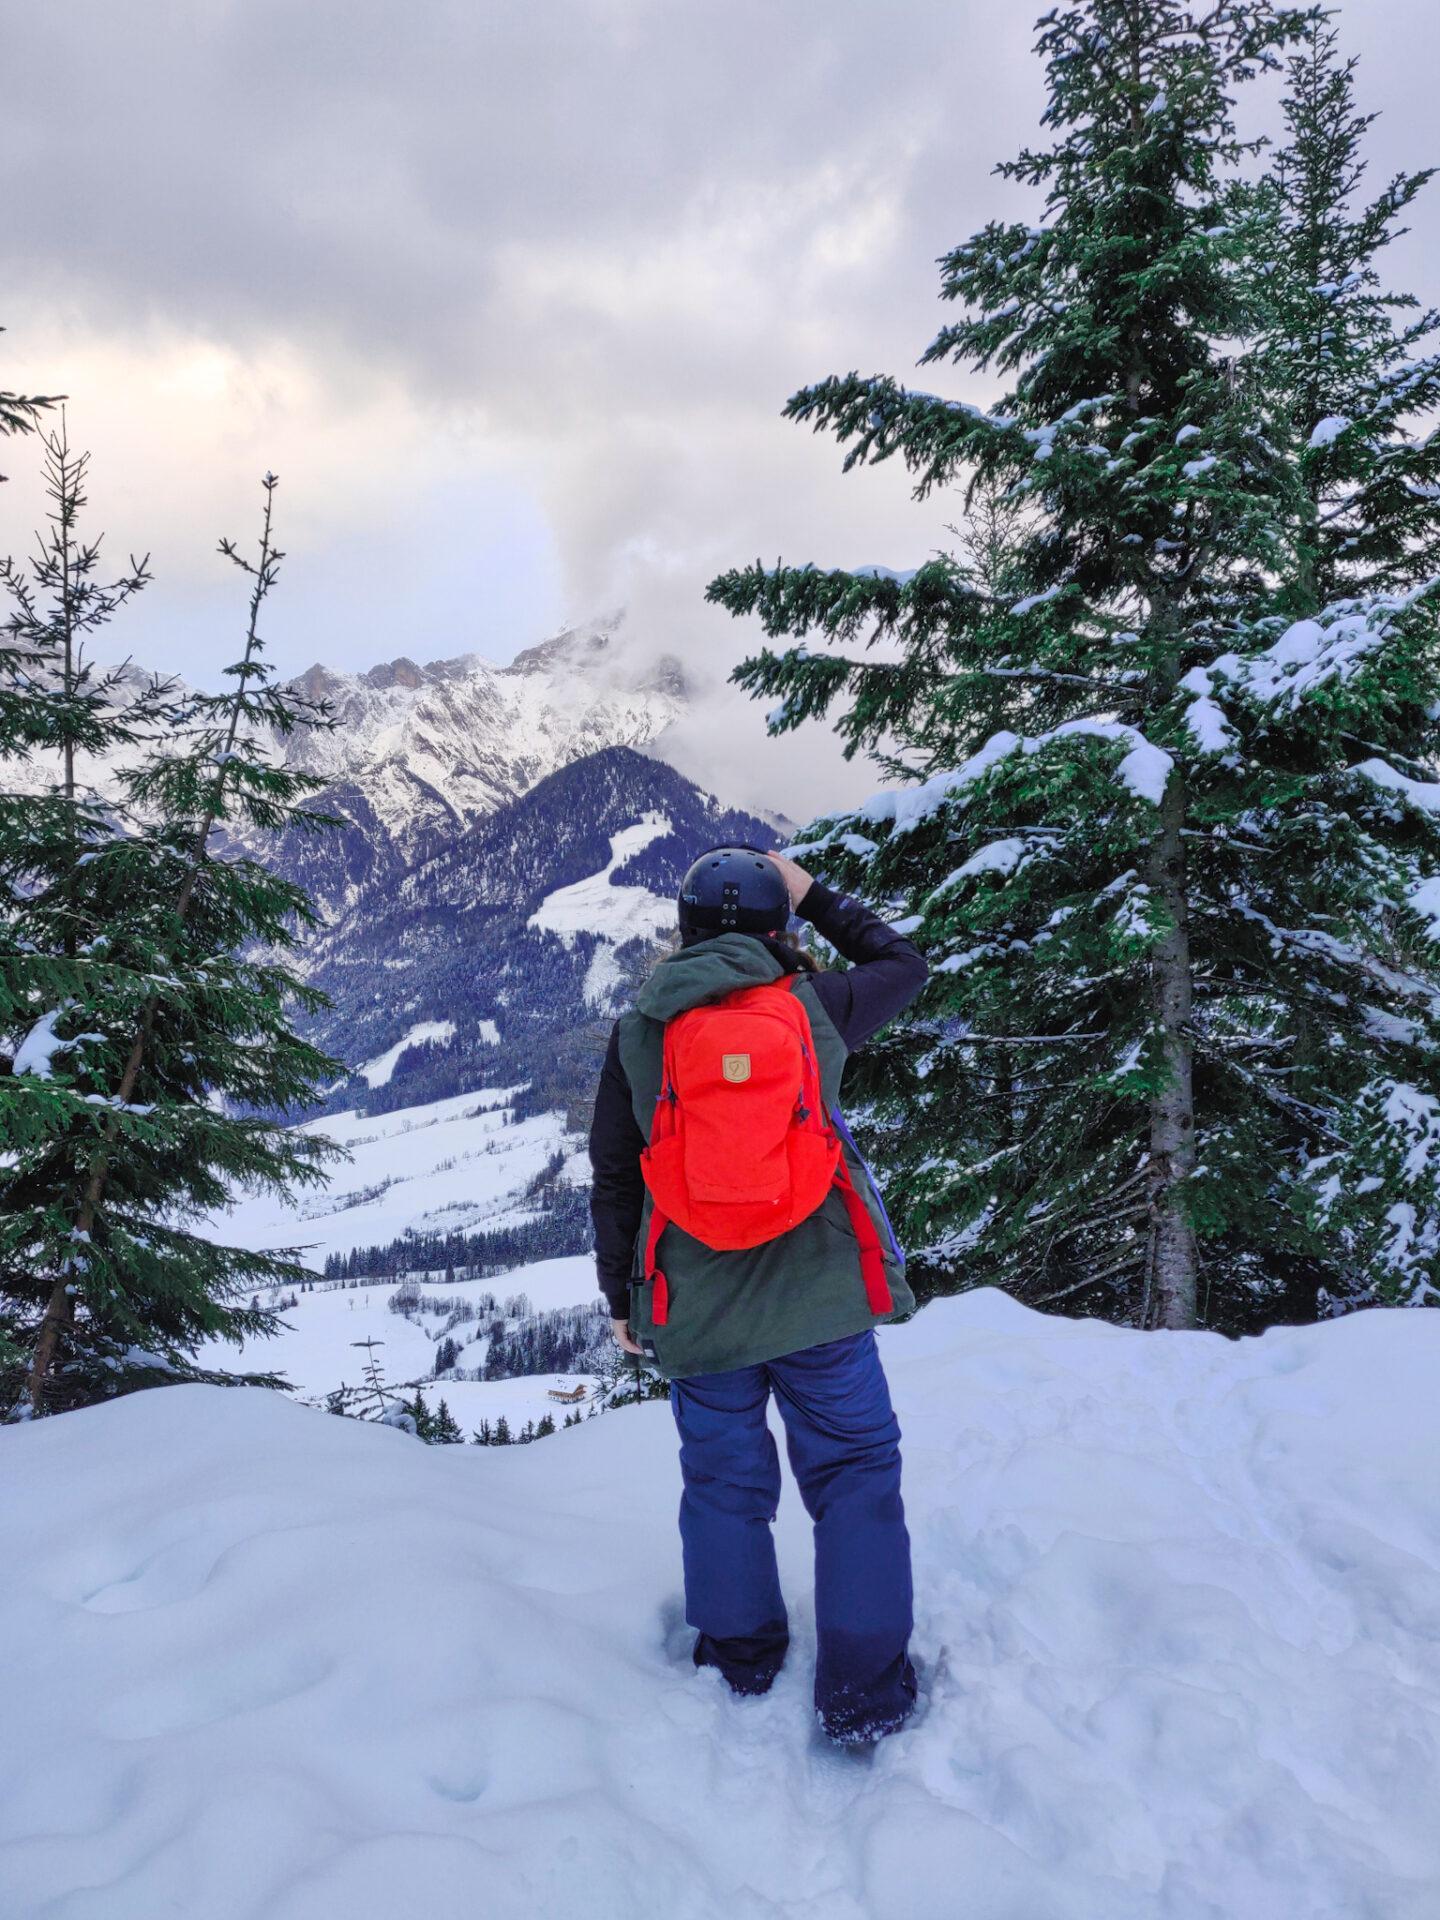 duurzaam snowboarden en skiën in Oostenrijk